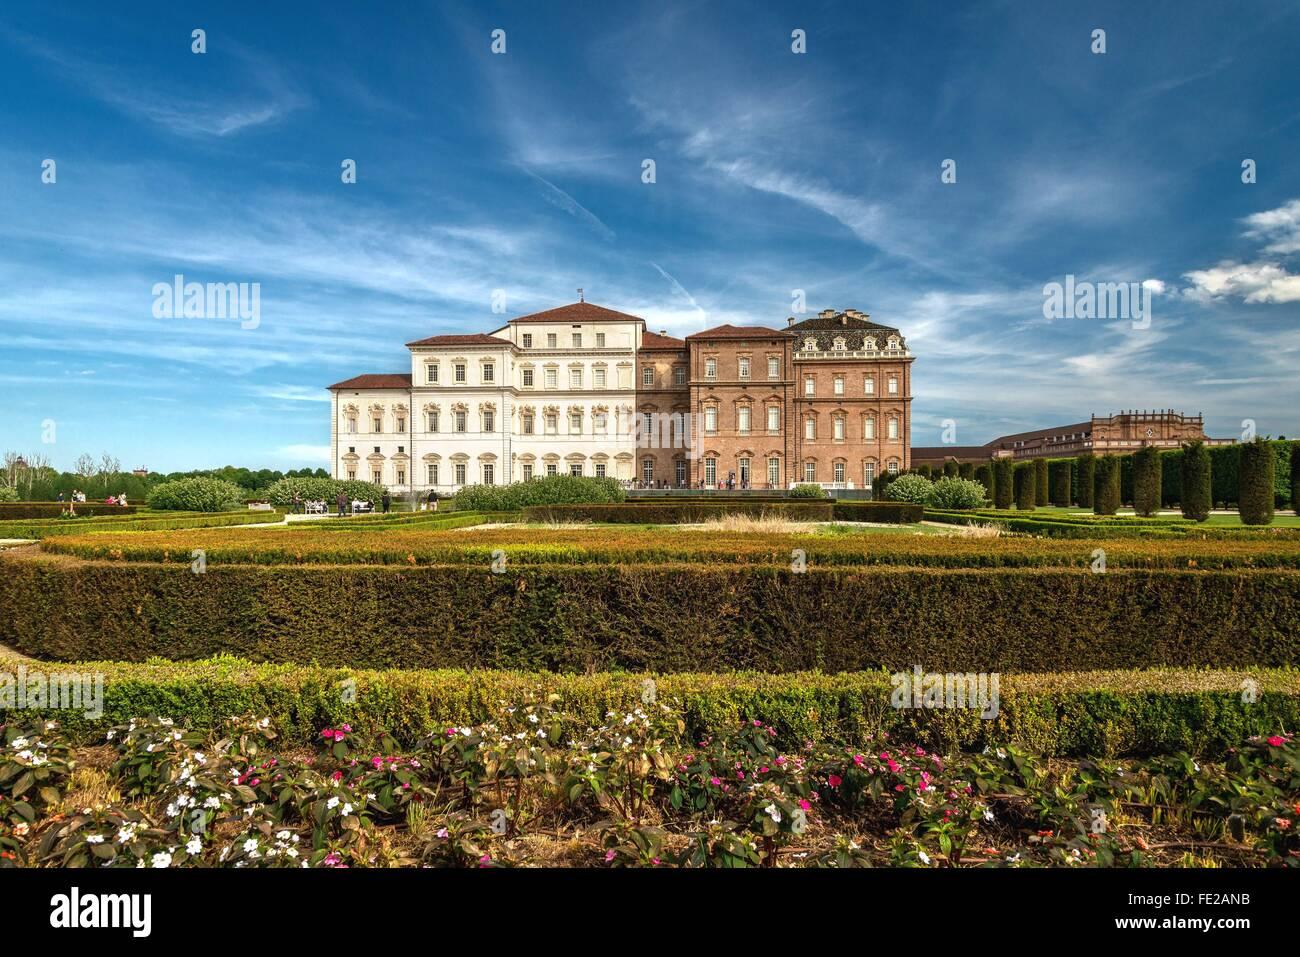 Gardens Of Venaria Castle Stock Photos & Gardens Of Venaria Castle ...